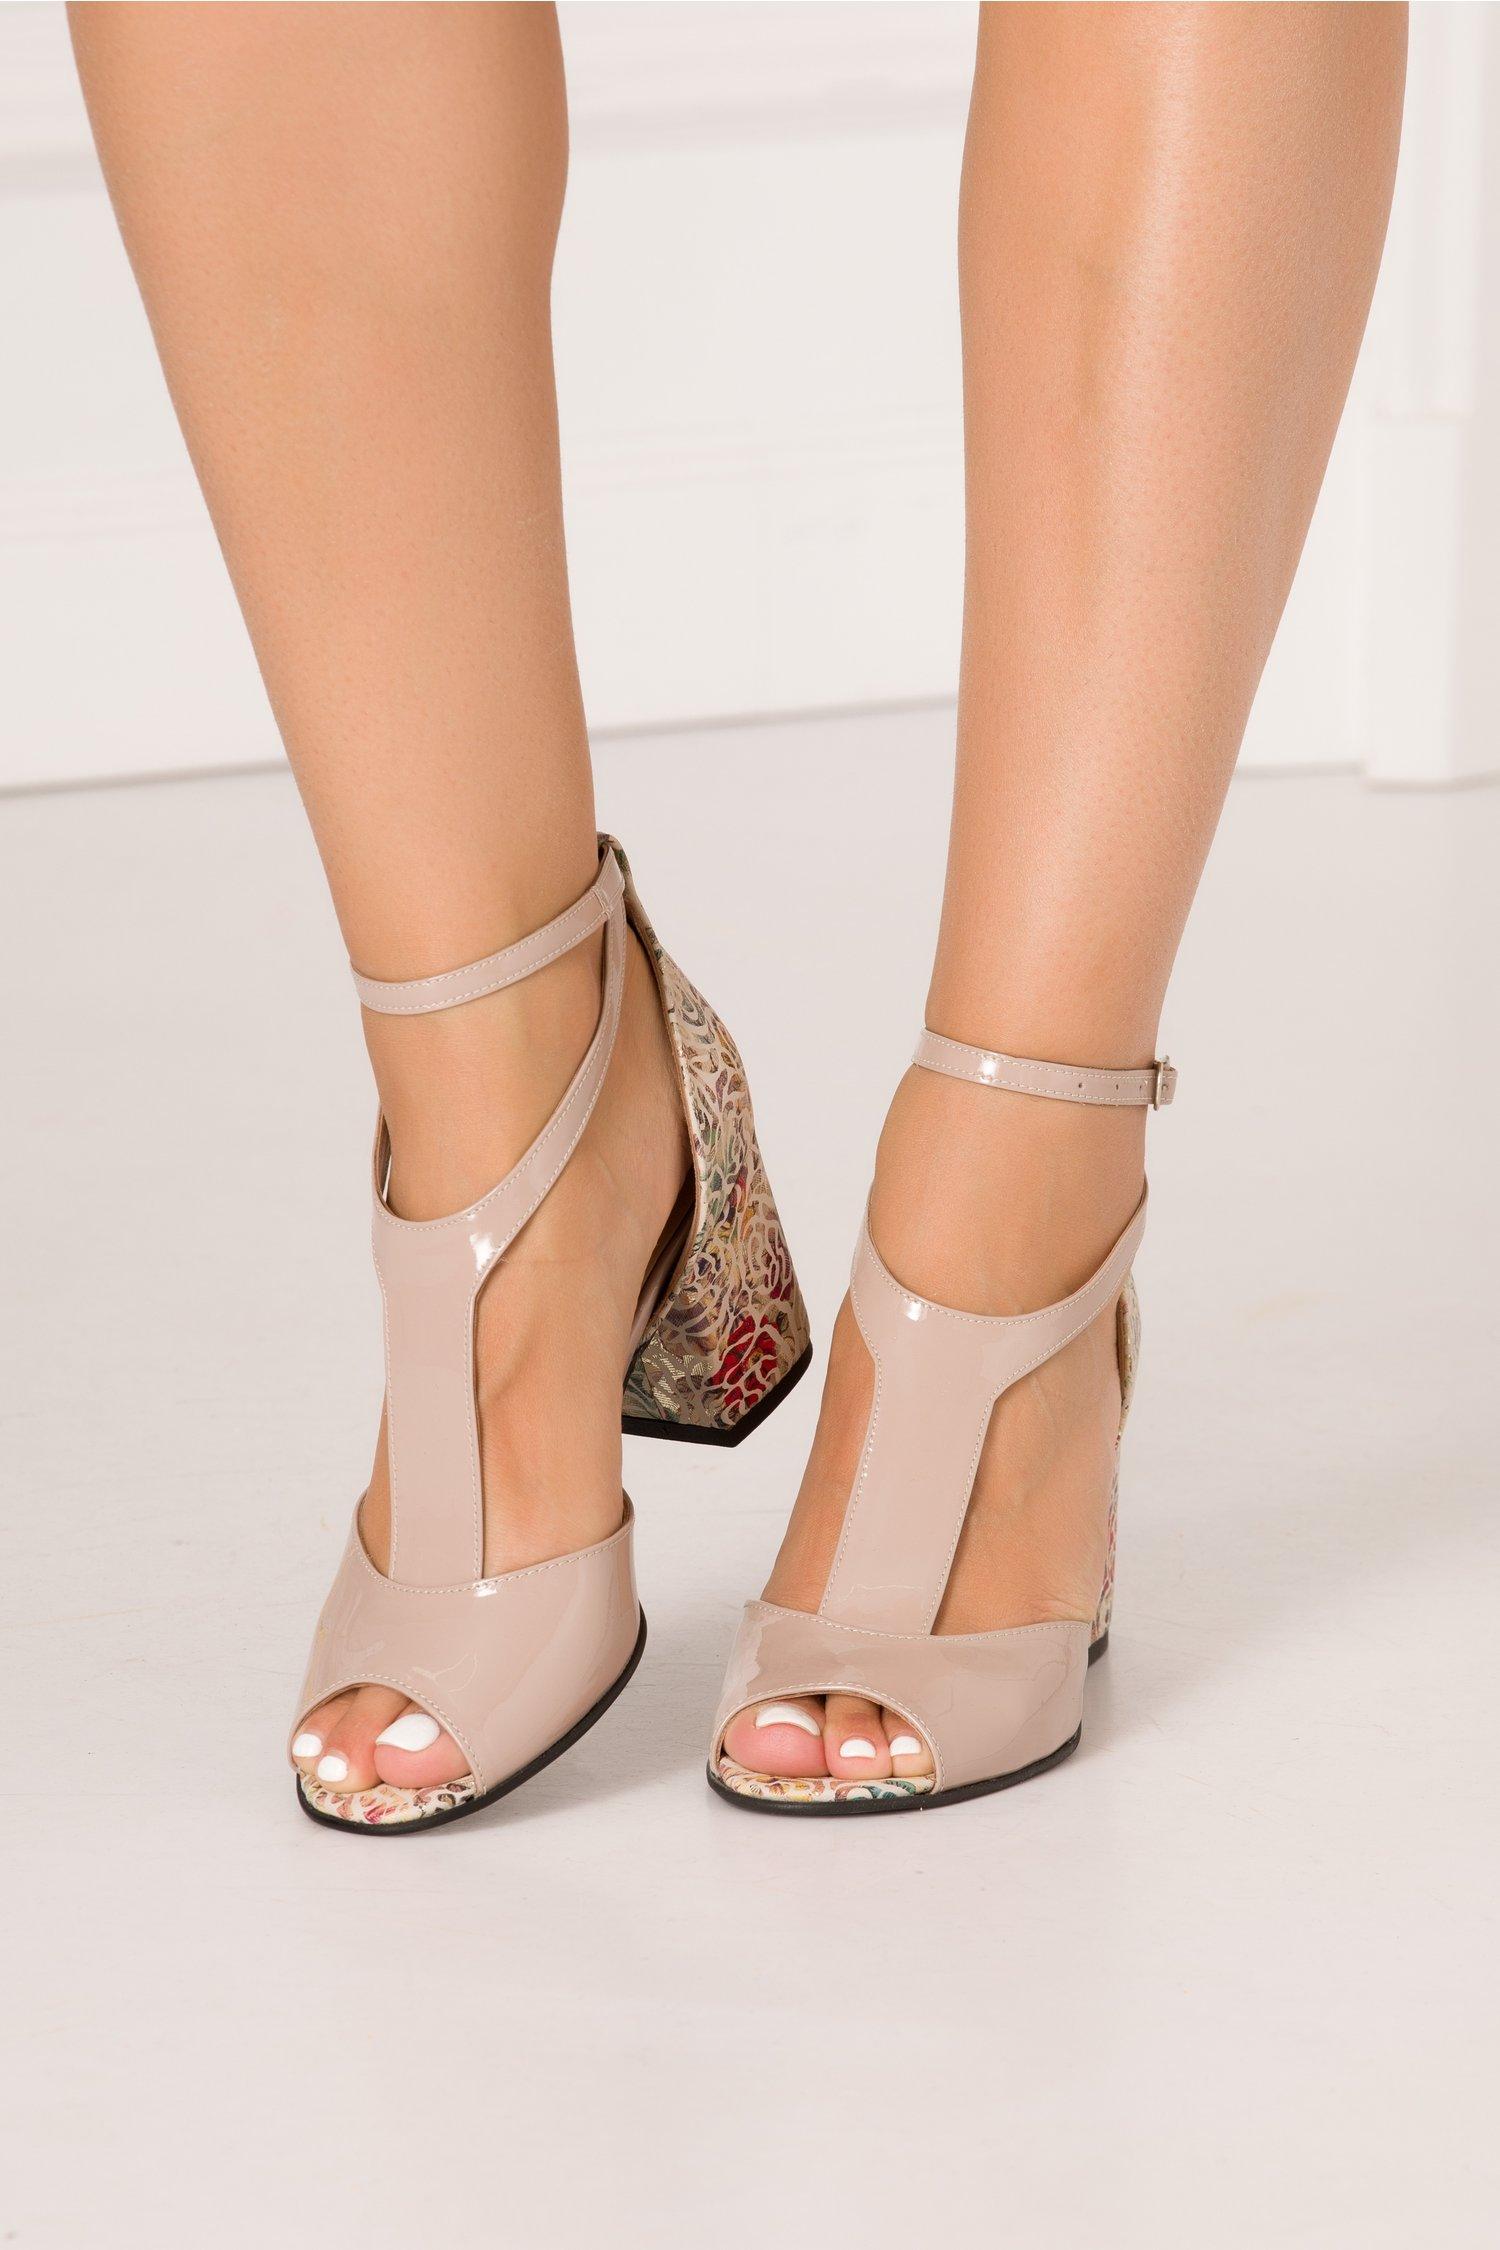 Sandale roz prafuit din piele naturala lacuita si imprimeu floral in zona tocului